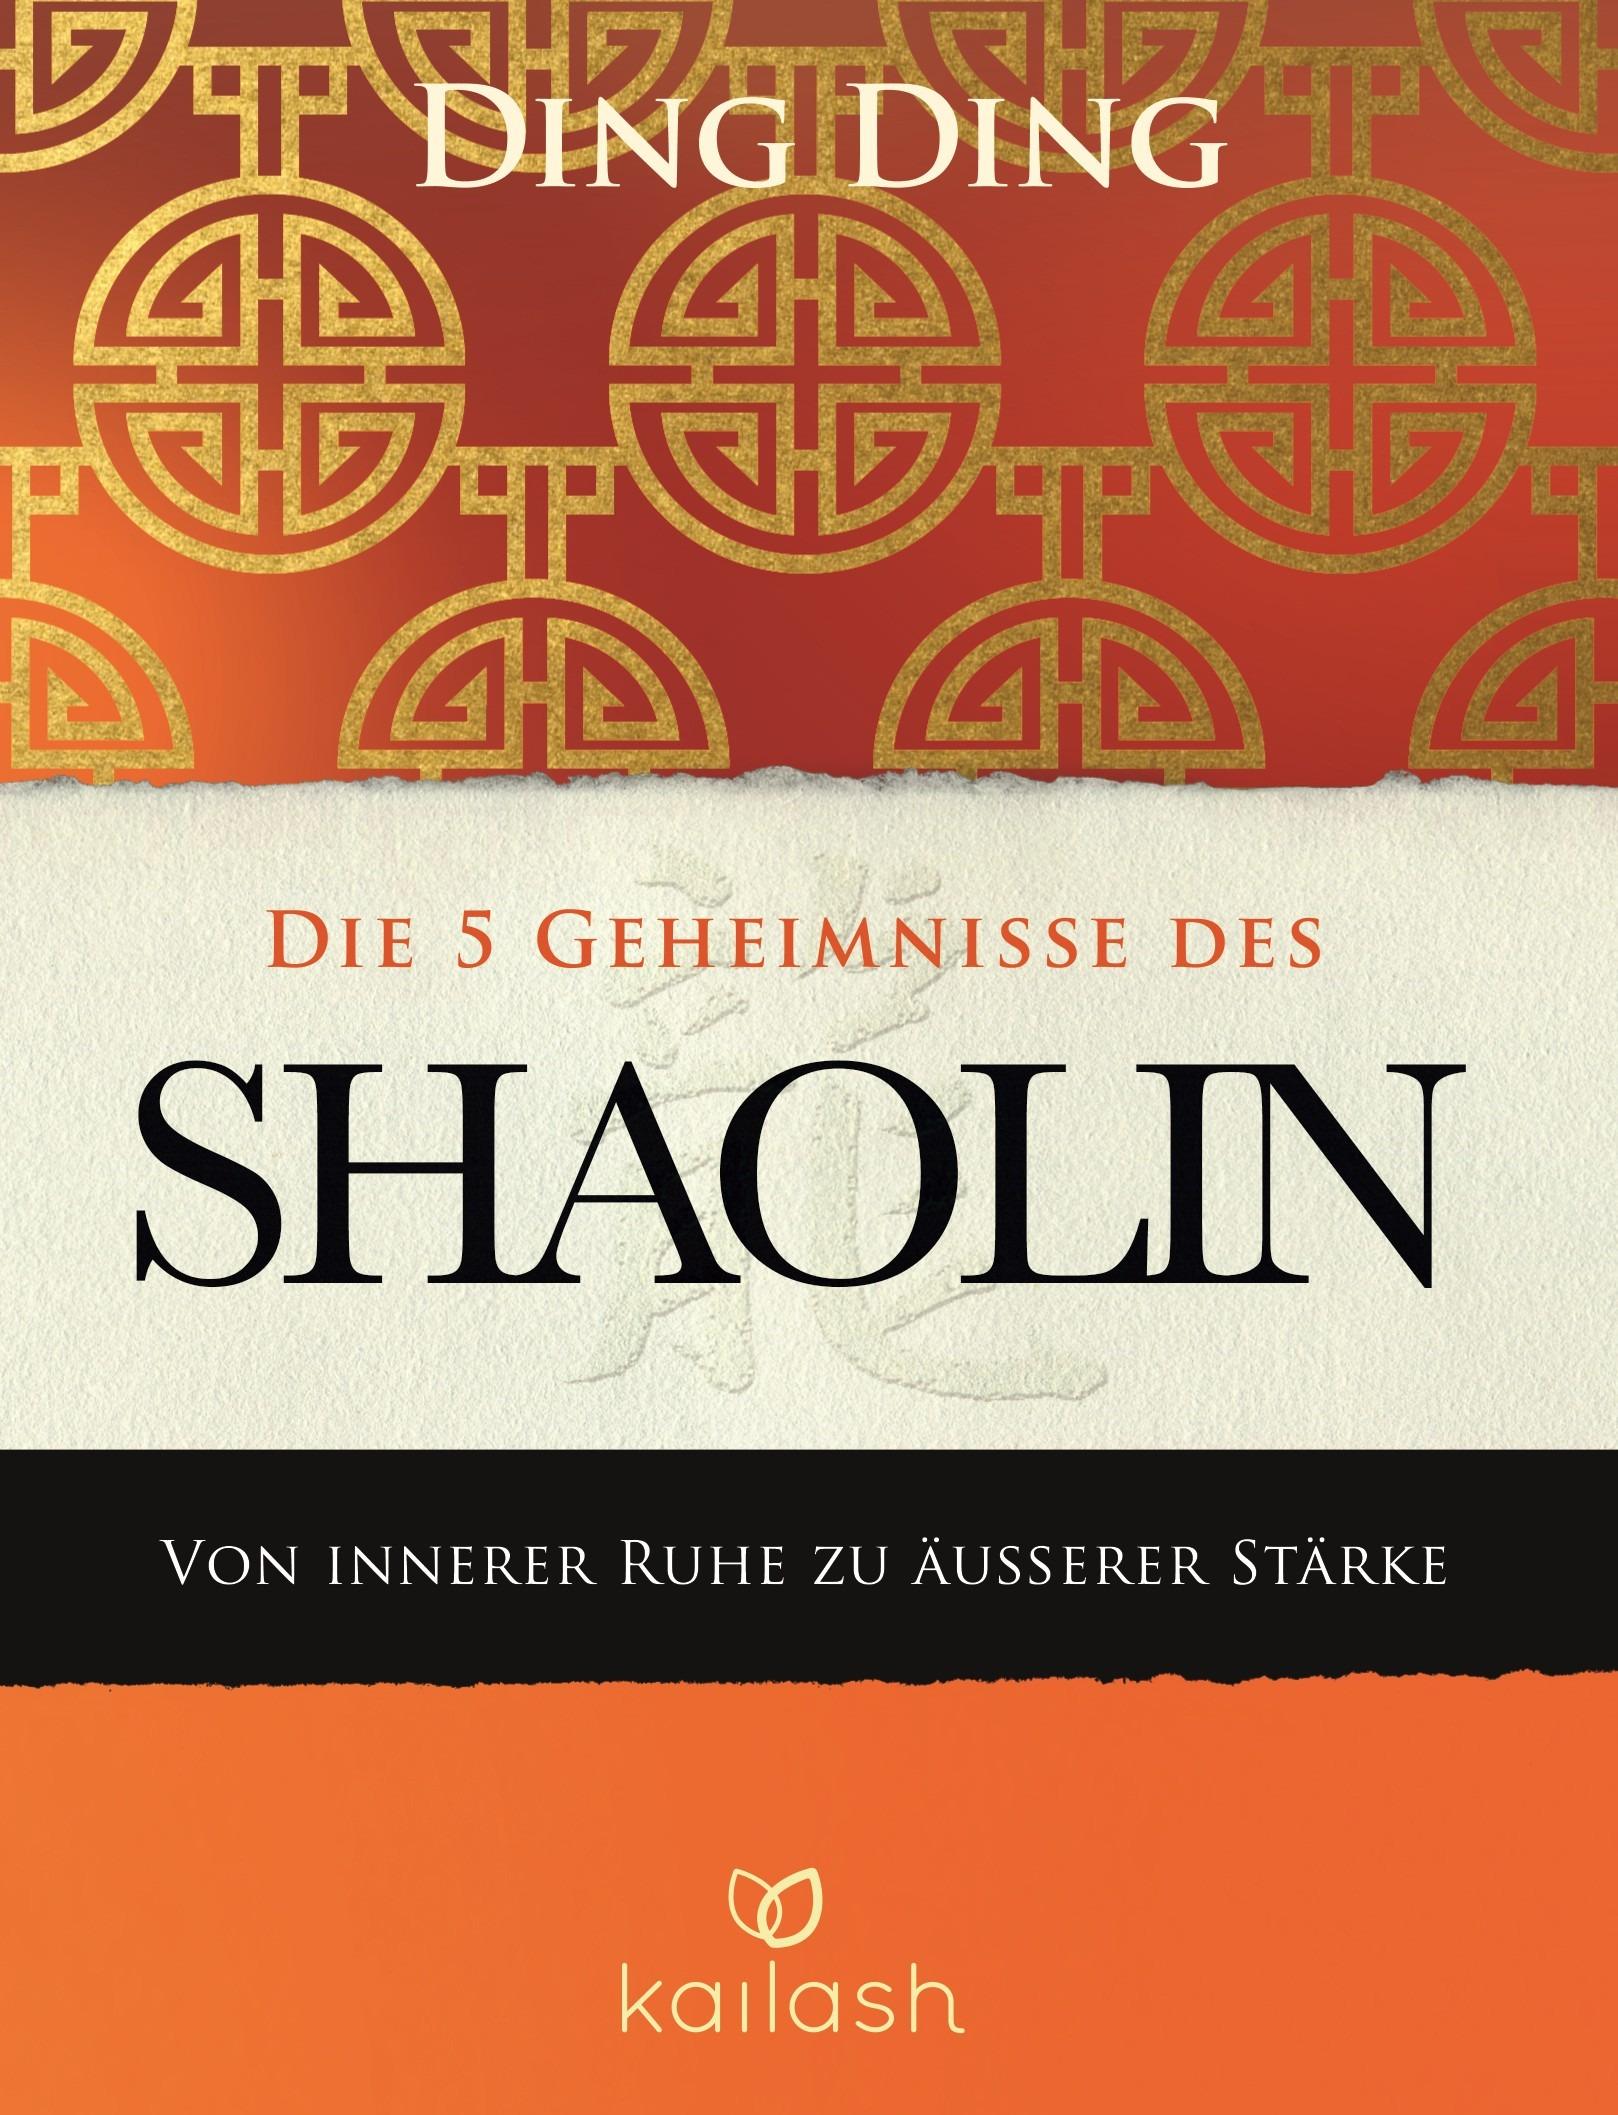 Die 5 Geheimnisse des Shaolin Ding Ding